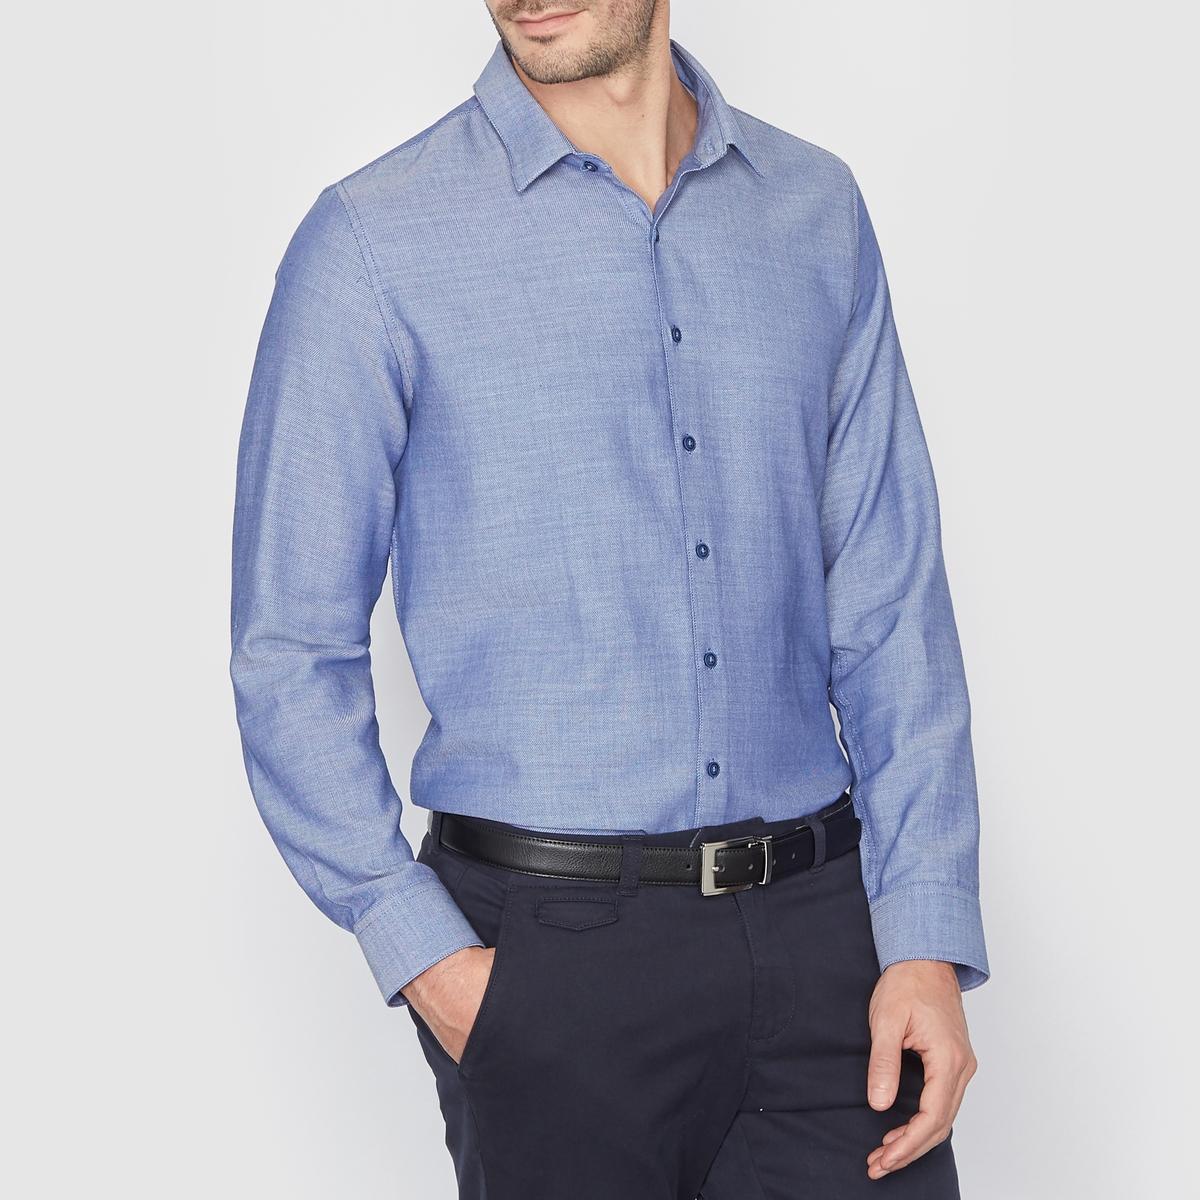 Рубашка узкого покрояРубашка в стиле сити, узкого покроя воротник со свободными уголками. Длина 77 см. Блузка, 100% хлопка.<br><br>Цвет: синий<br>Размер: 37/38.43/44